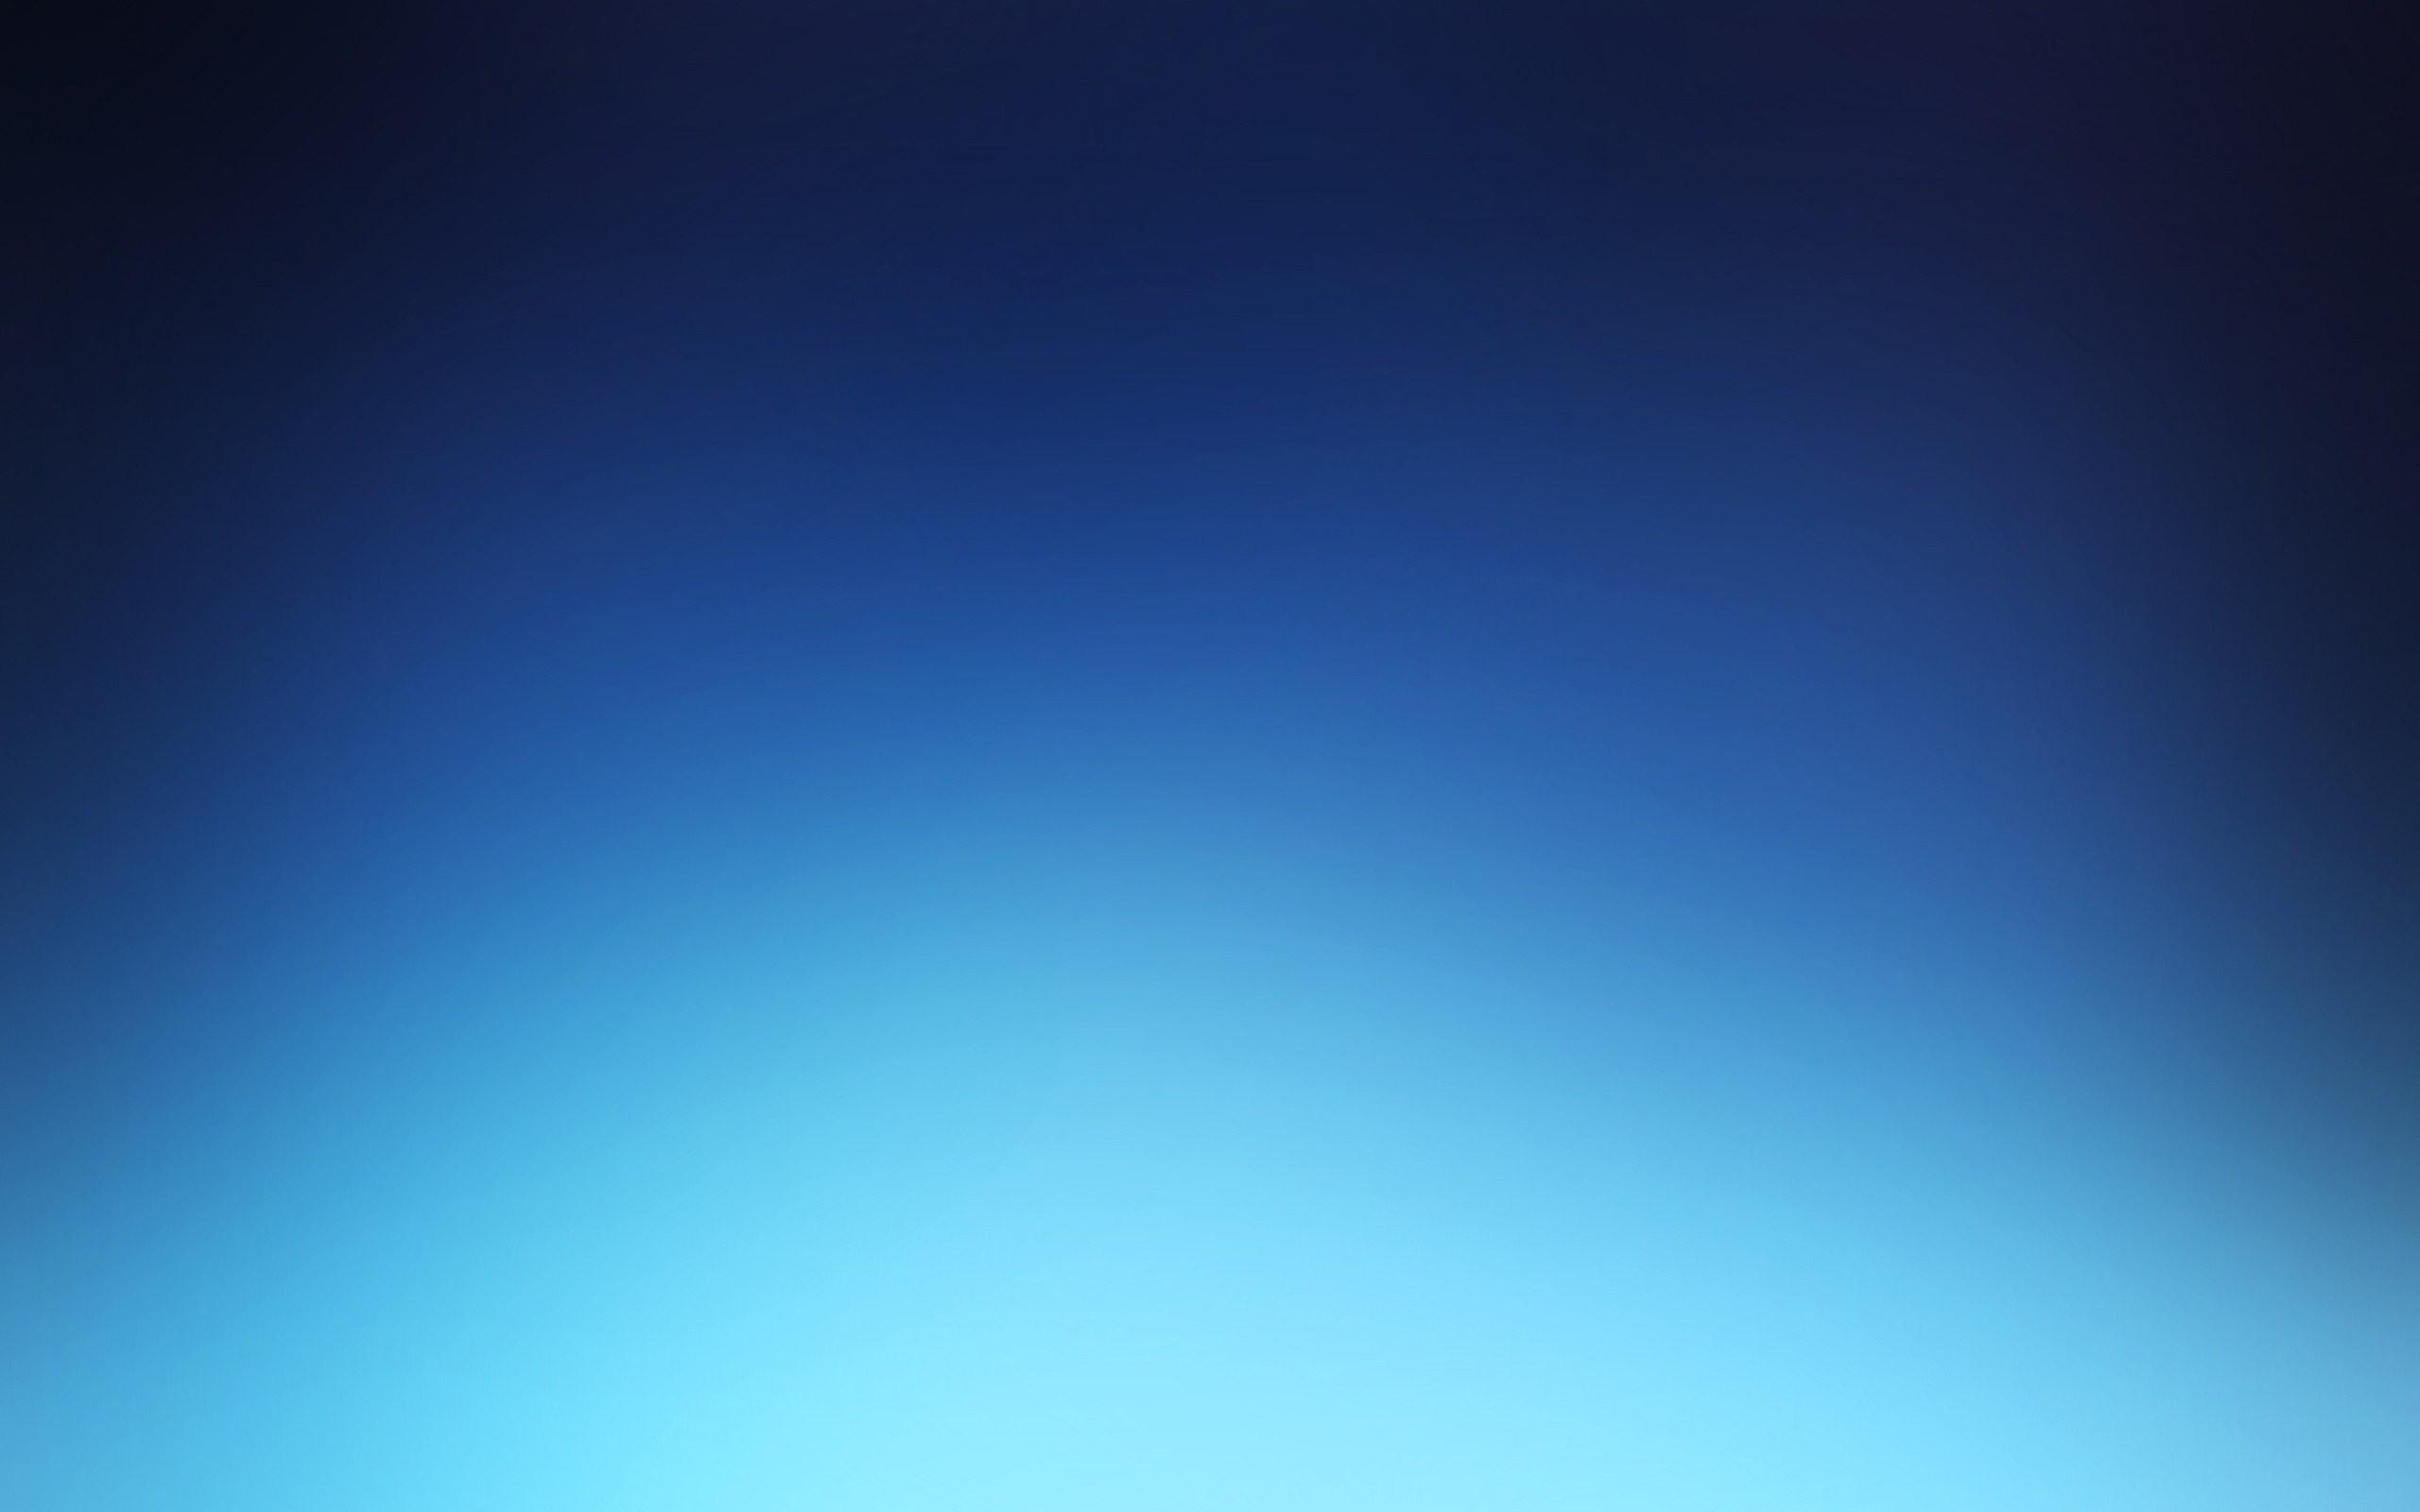 Blue Color Background 761386